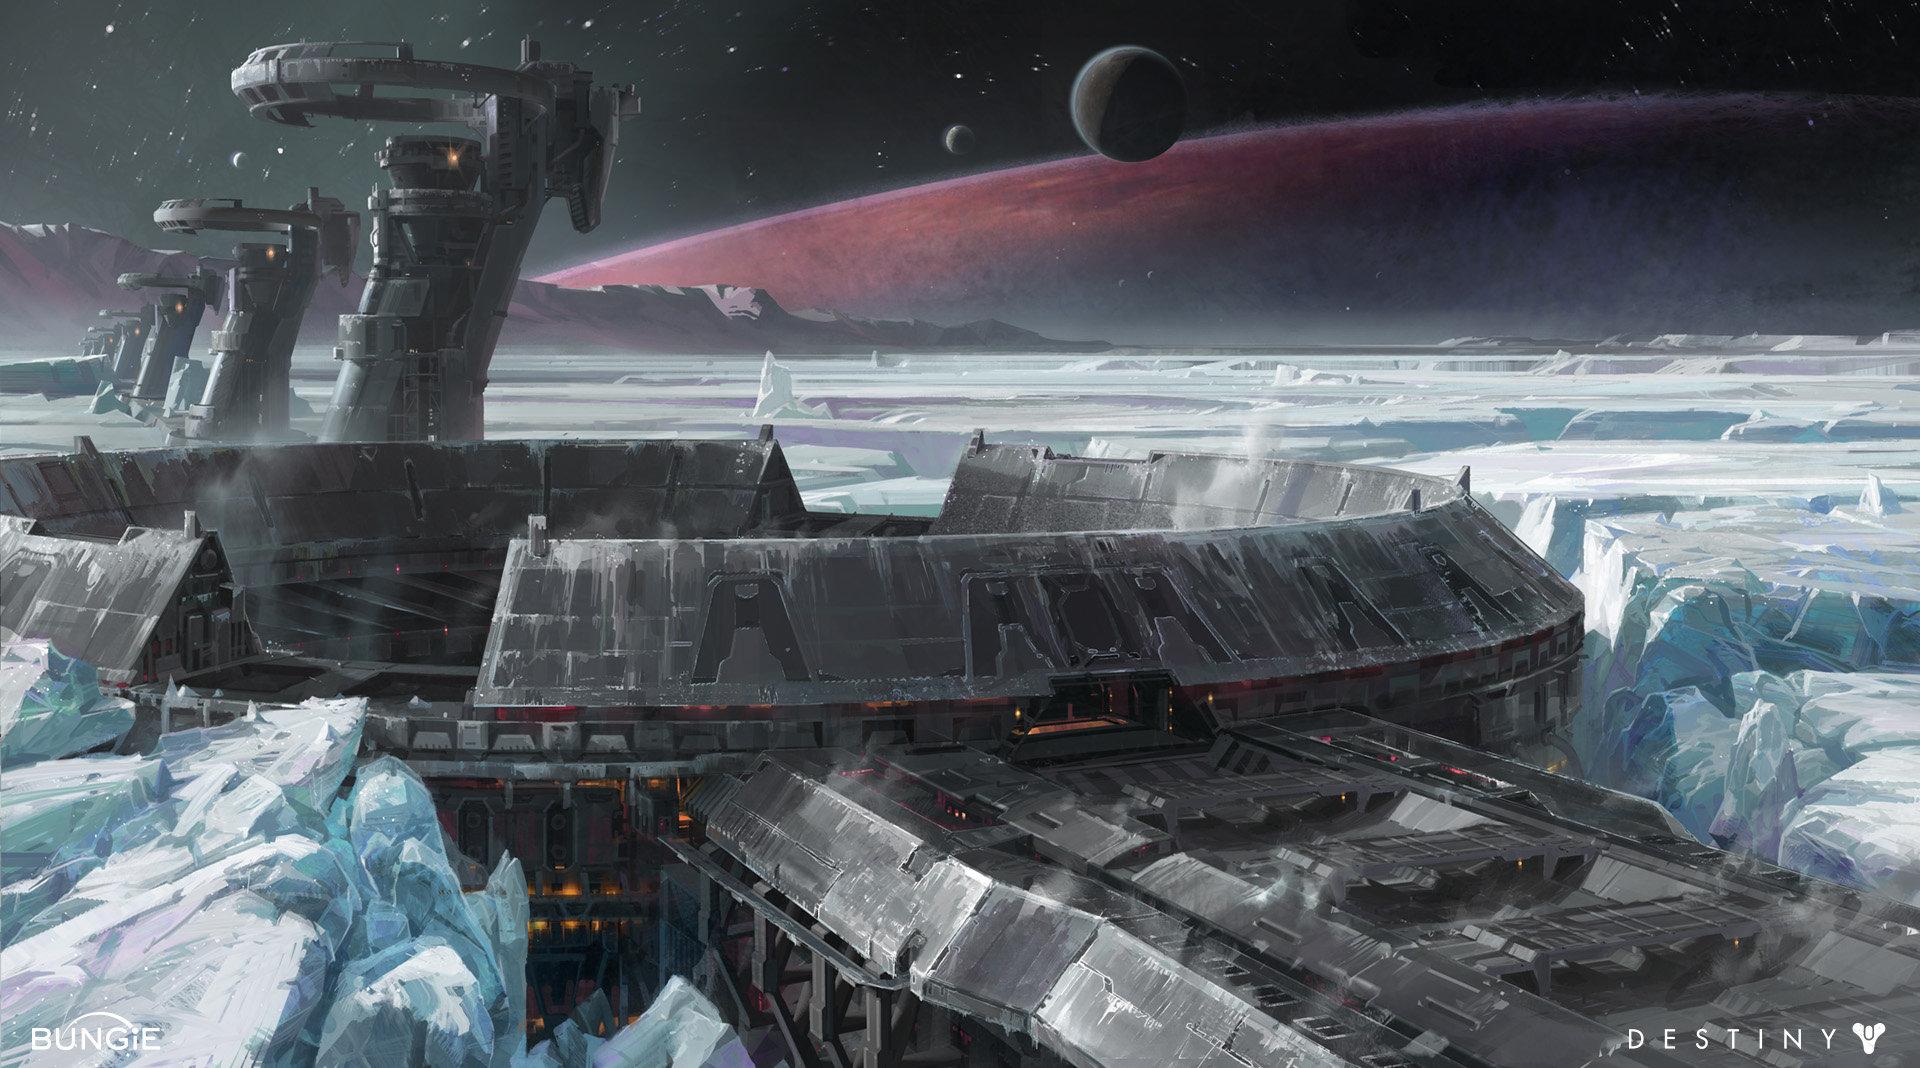 Les concept arts d'environnements du jeu Destiny par Dorje Bellbrook